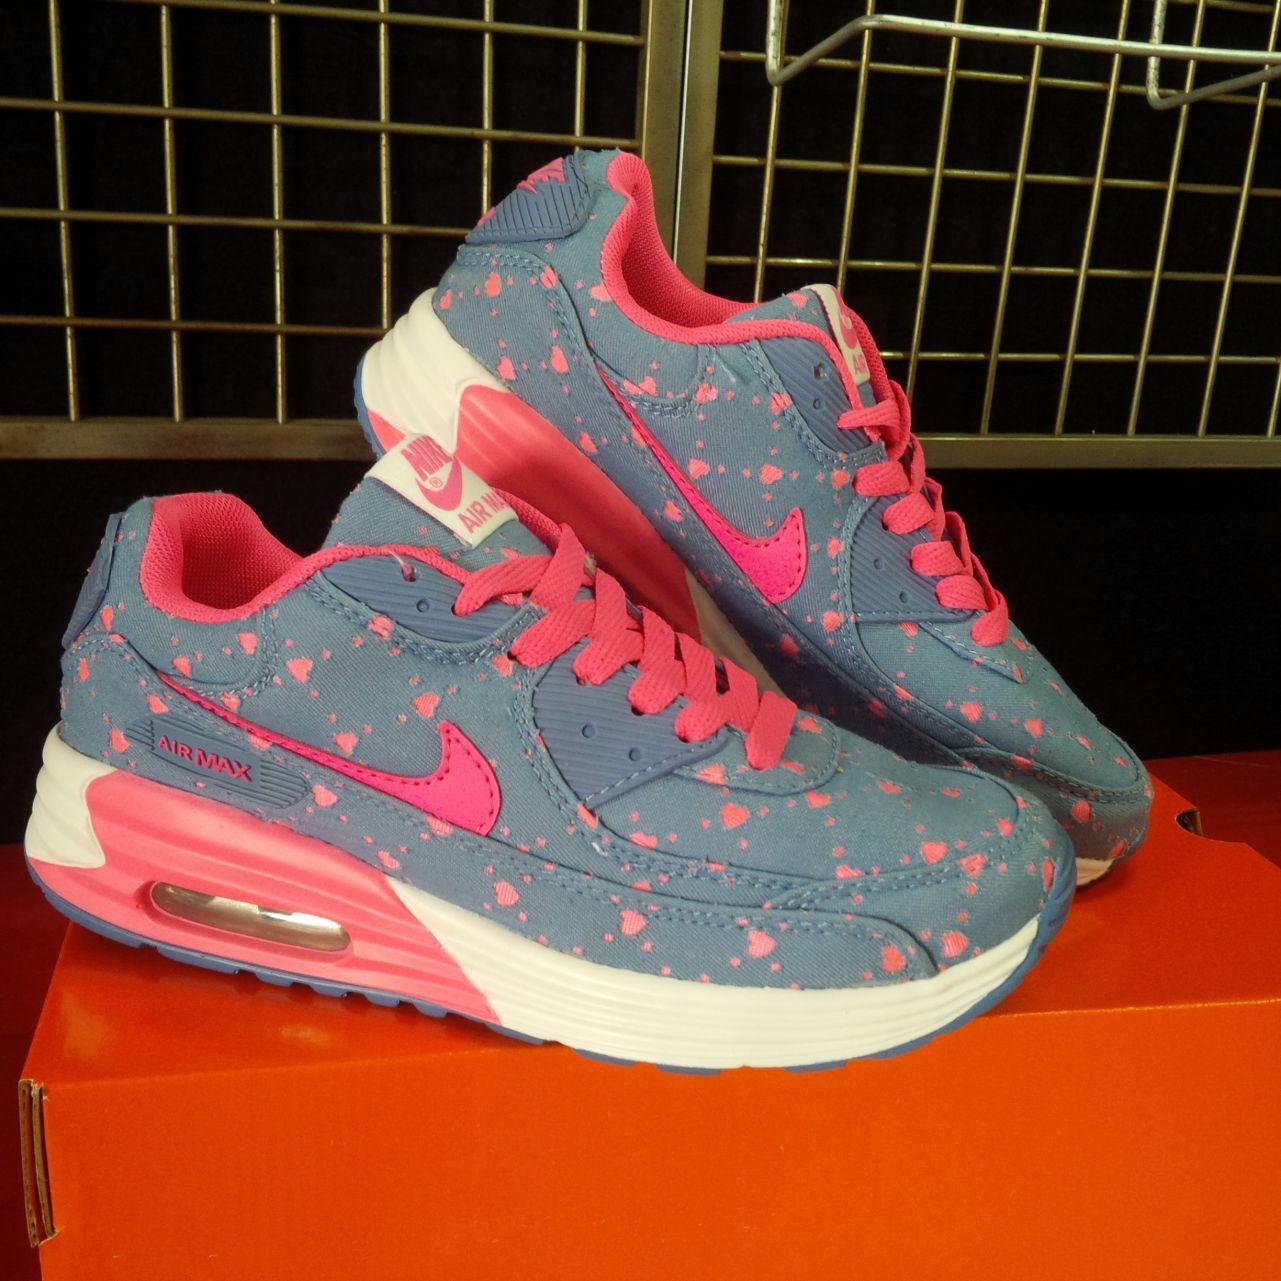 ... ireland jual sepatu nike airmax panji or store tokopedia b13d5 0e5e0 5e30fcd8ae